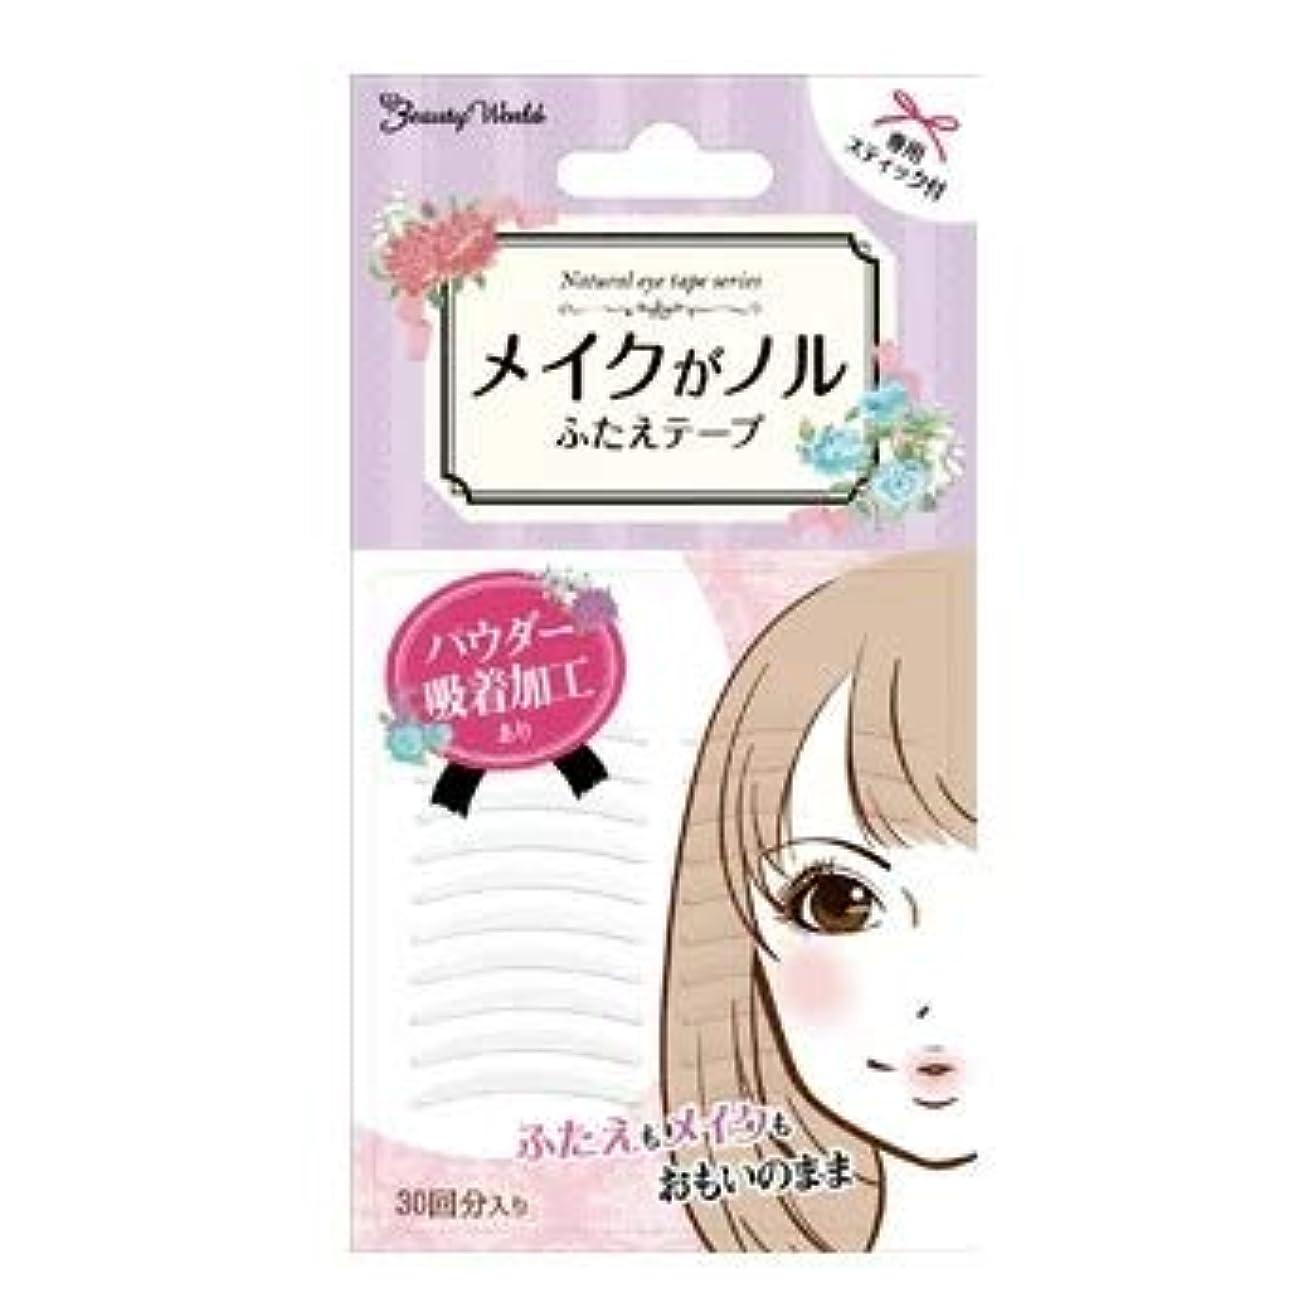 仲介者どれでもラブふたえ用テープ(透明) ENT241 30回分 スティック付き 日本製 メイク 化粧 アイメイク 目 ぱっちり 二重 ふたえ 変身 クリア 自然 素肌 フィット 初心者 簡単 かわいい 女子 女の子